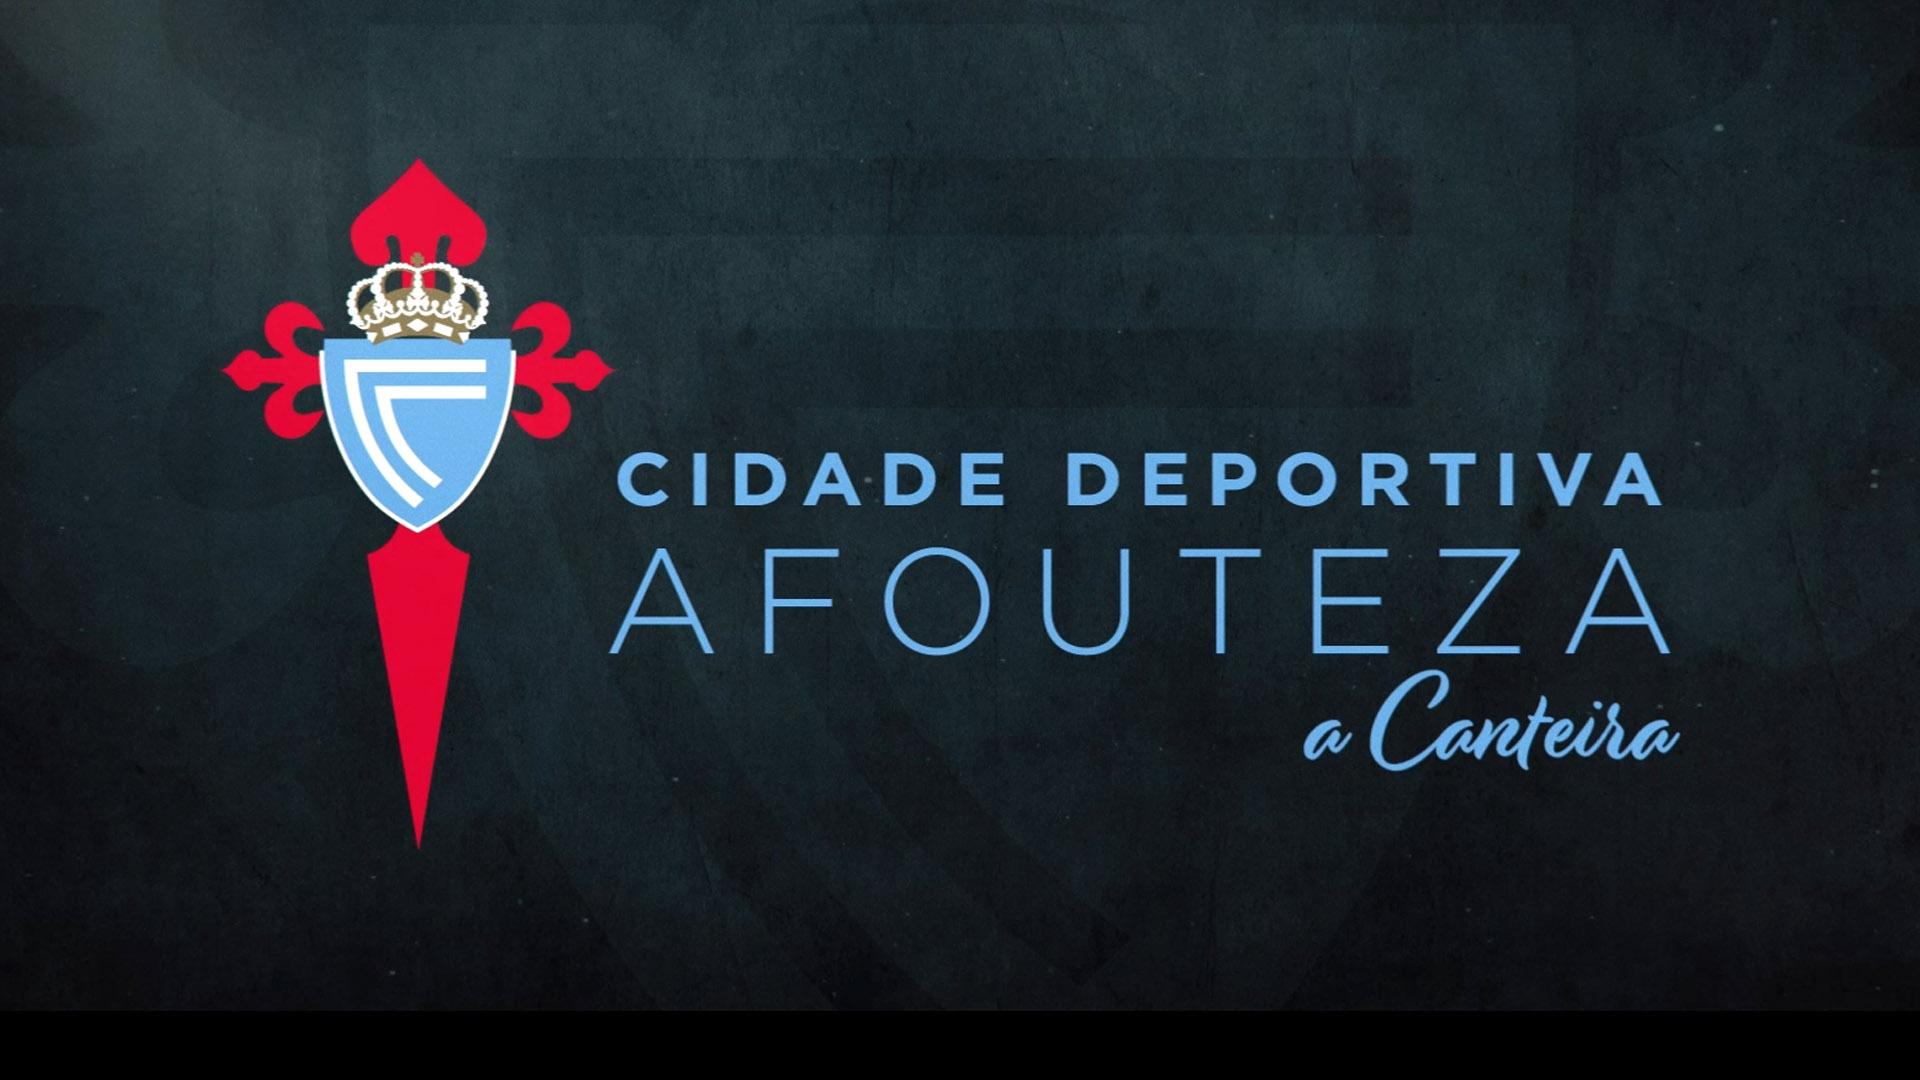 cidade deportiva afouteza logotipo